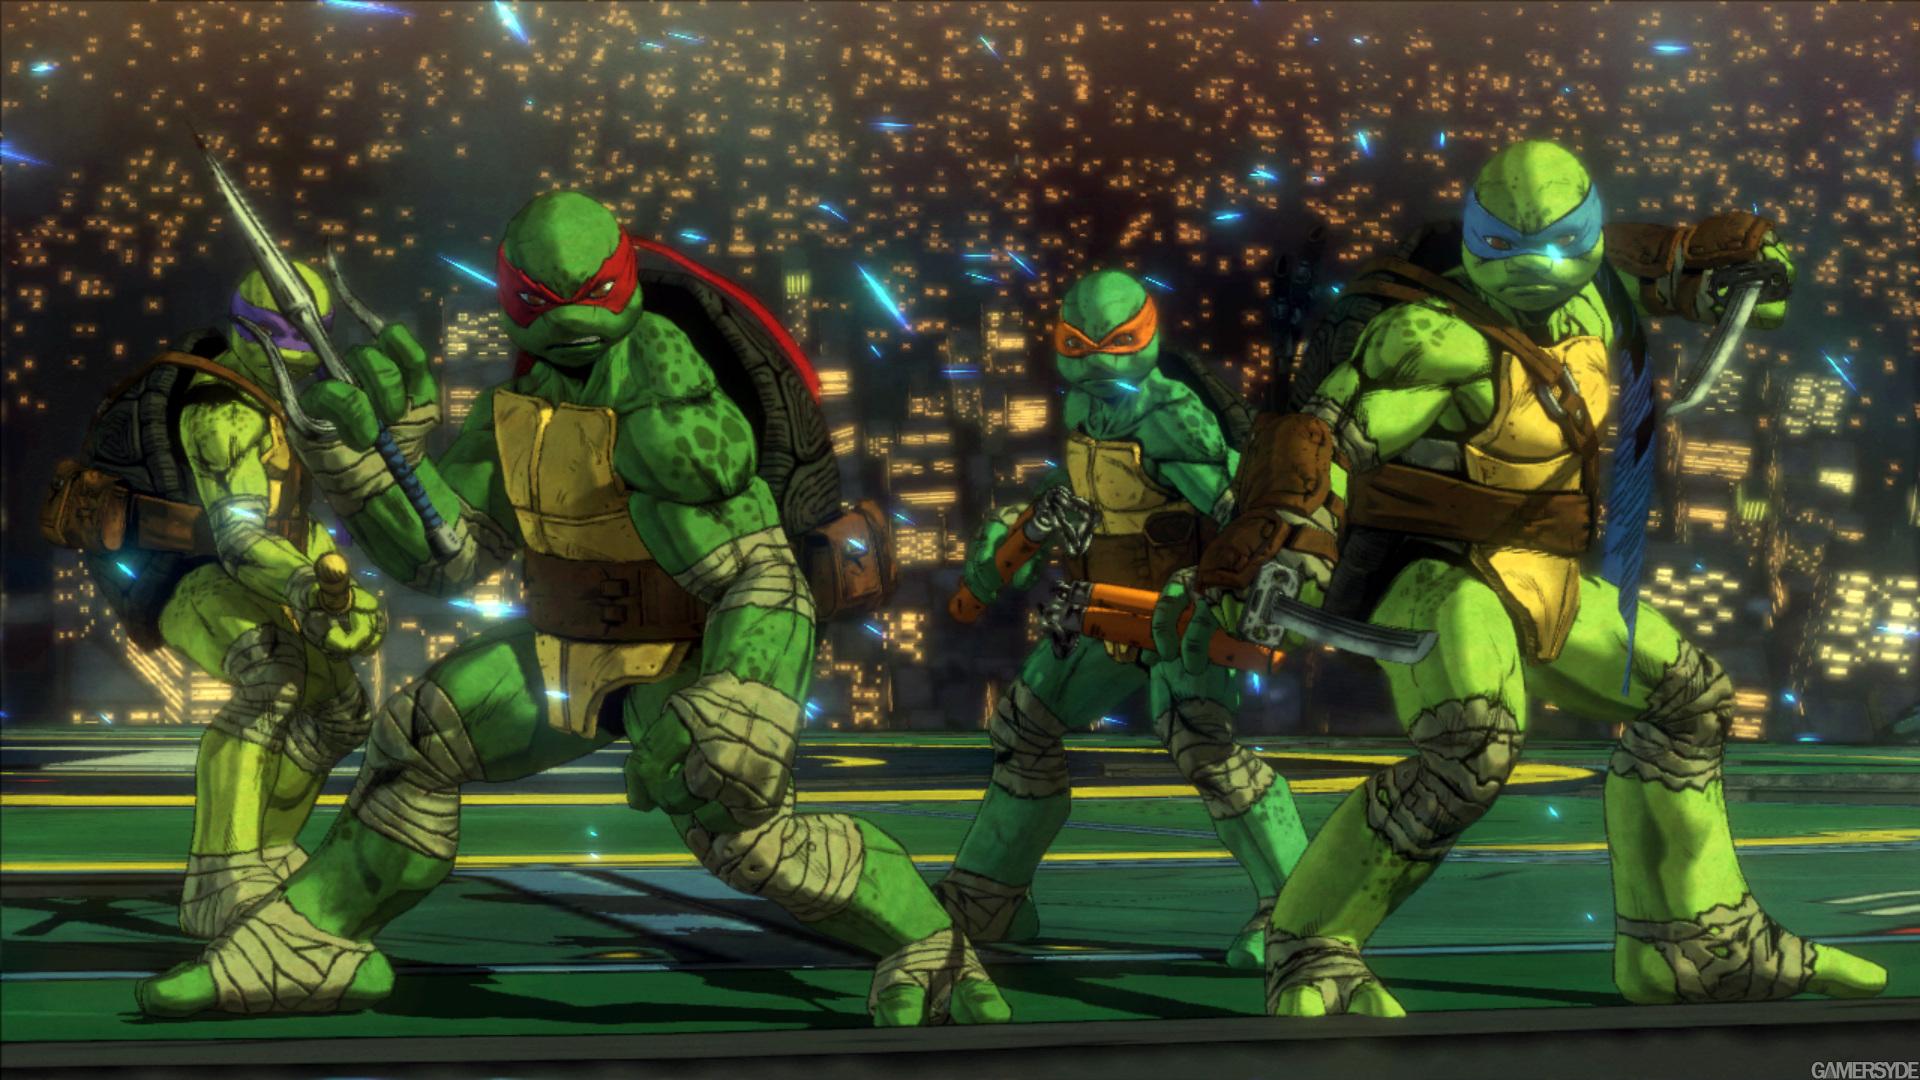 teenage mutant ninja turtle games - HD1923×1051